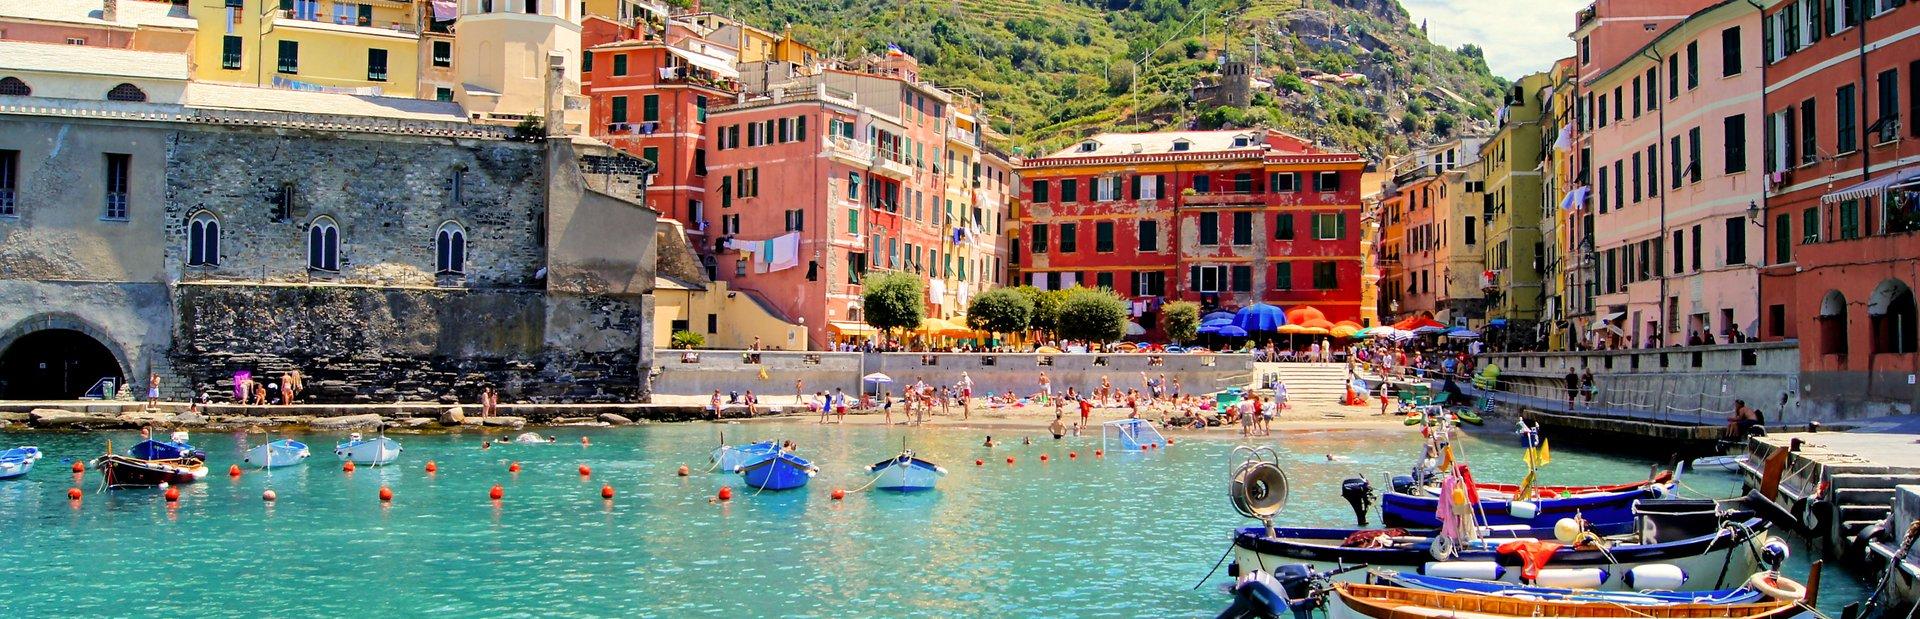 Mediterranean photo tour